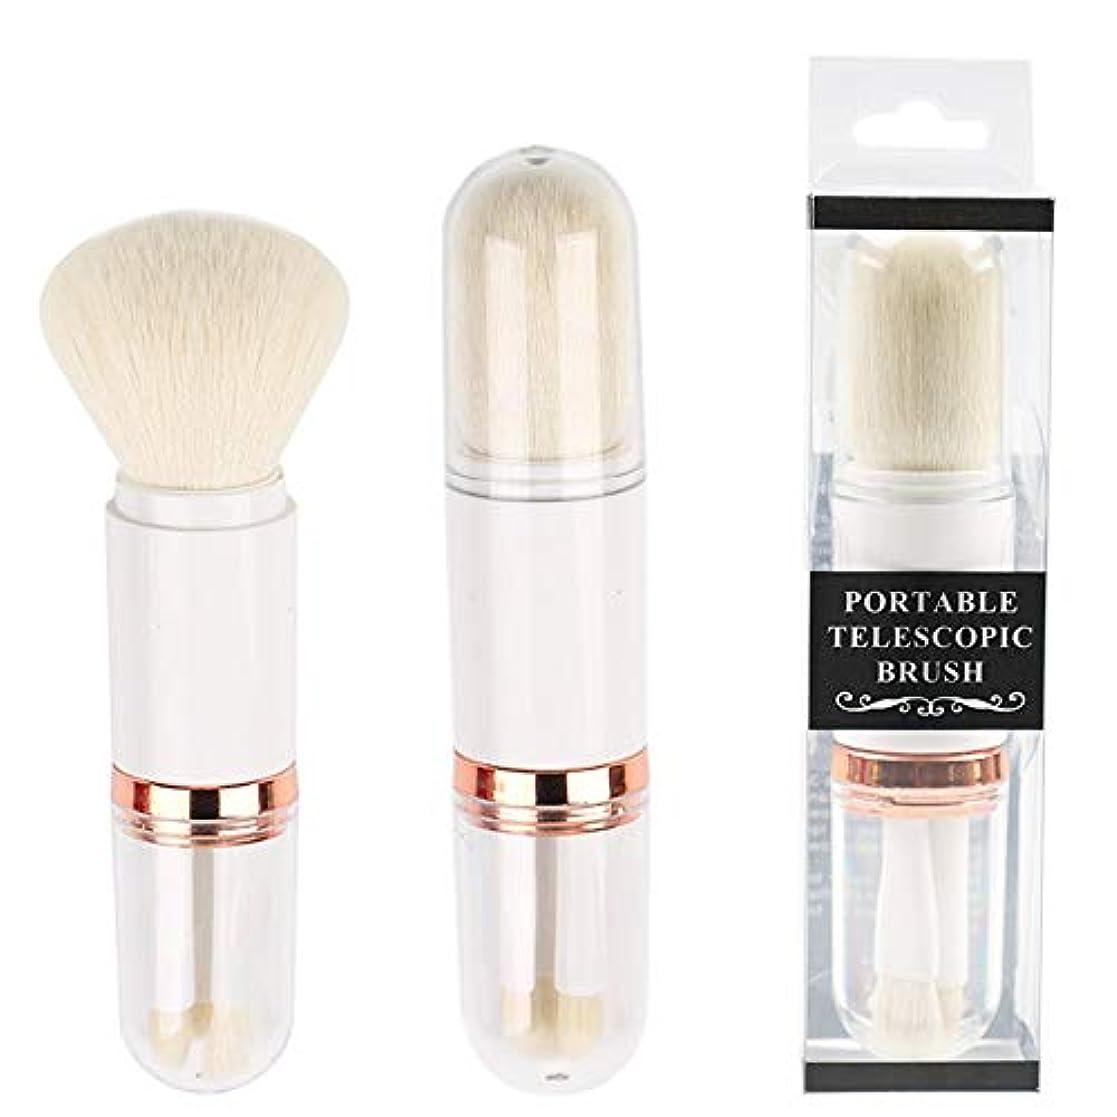 サンプル呼びかける山岳Makeup brushes 4で1化粧ブラシポータブル開閉式カバー三つ折りヘッドWantonパウダーブラシアイシャドウブラシ美容ツール suits (Color : White)